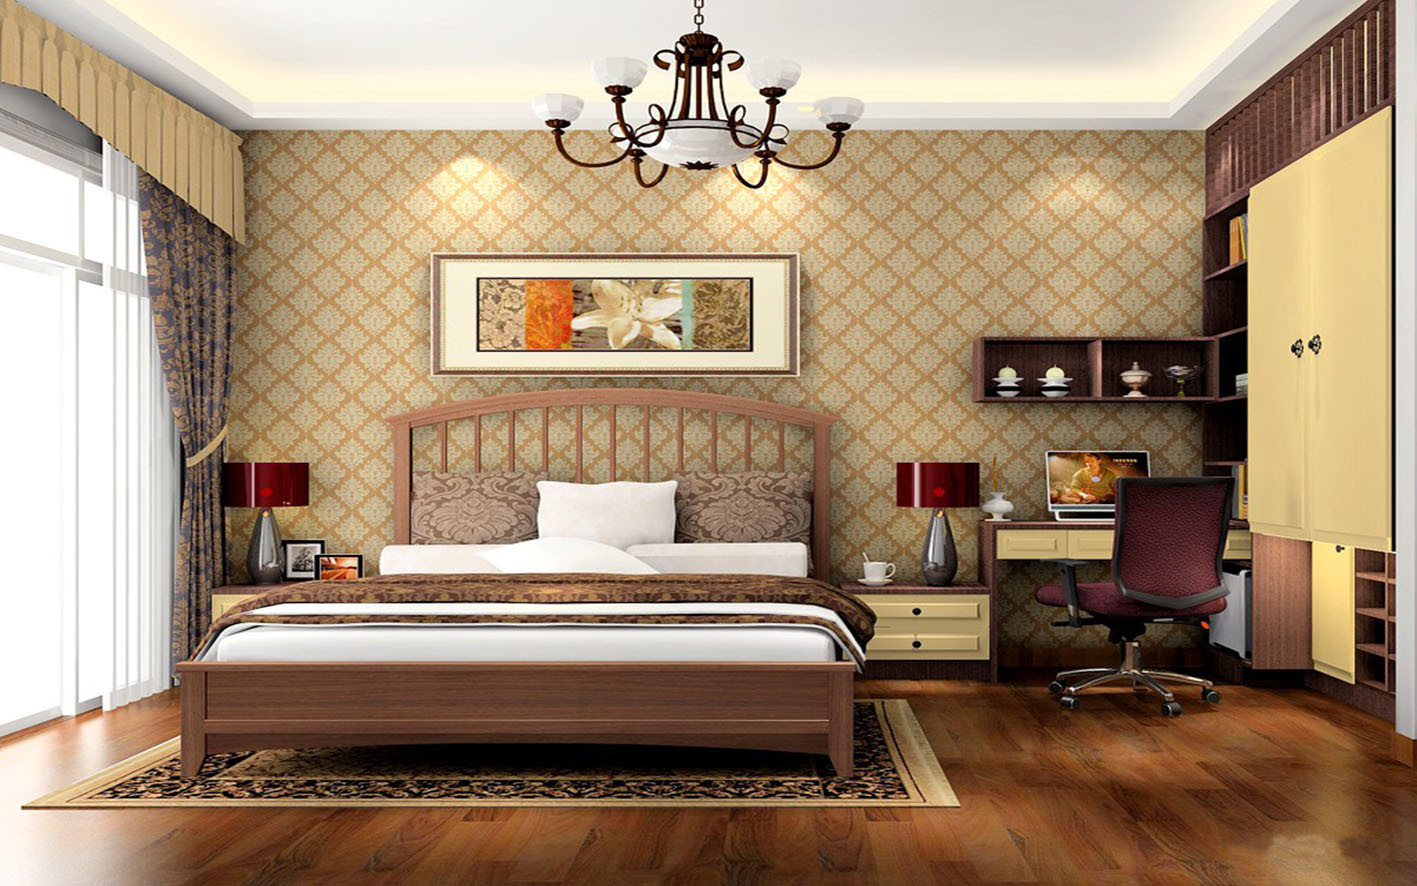 Foto de 2017 moda mobiliario de dormitorio armario for Chambre a coucher turque 2017